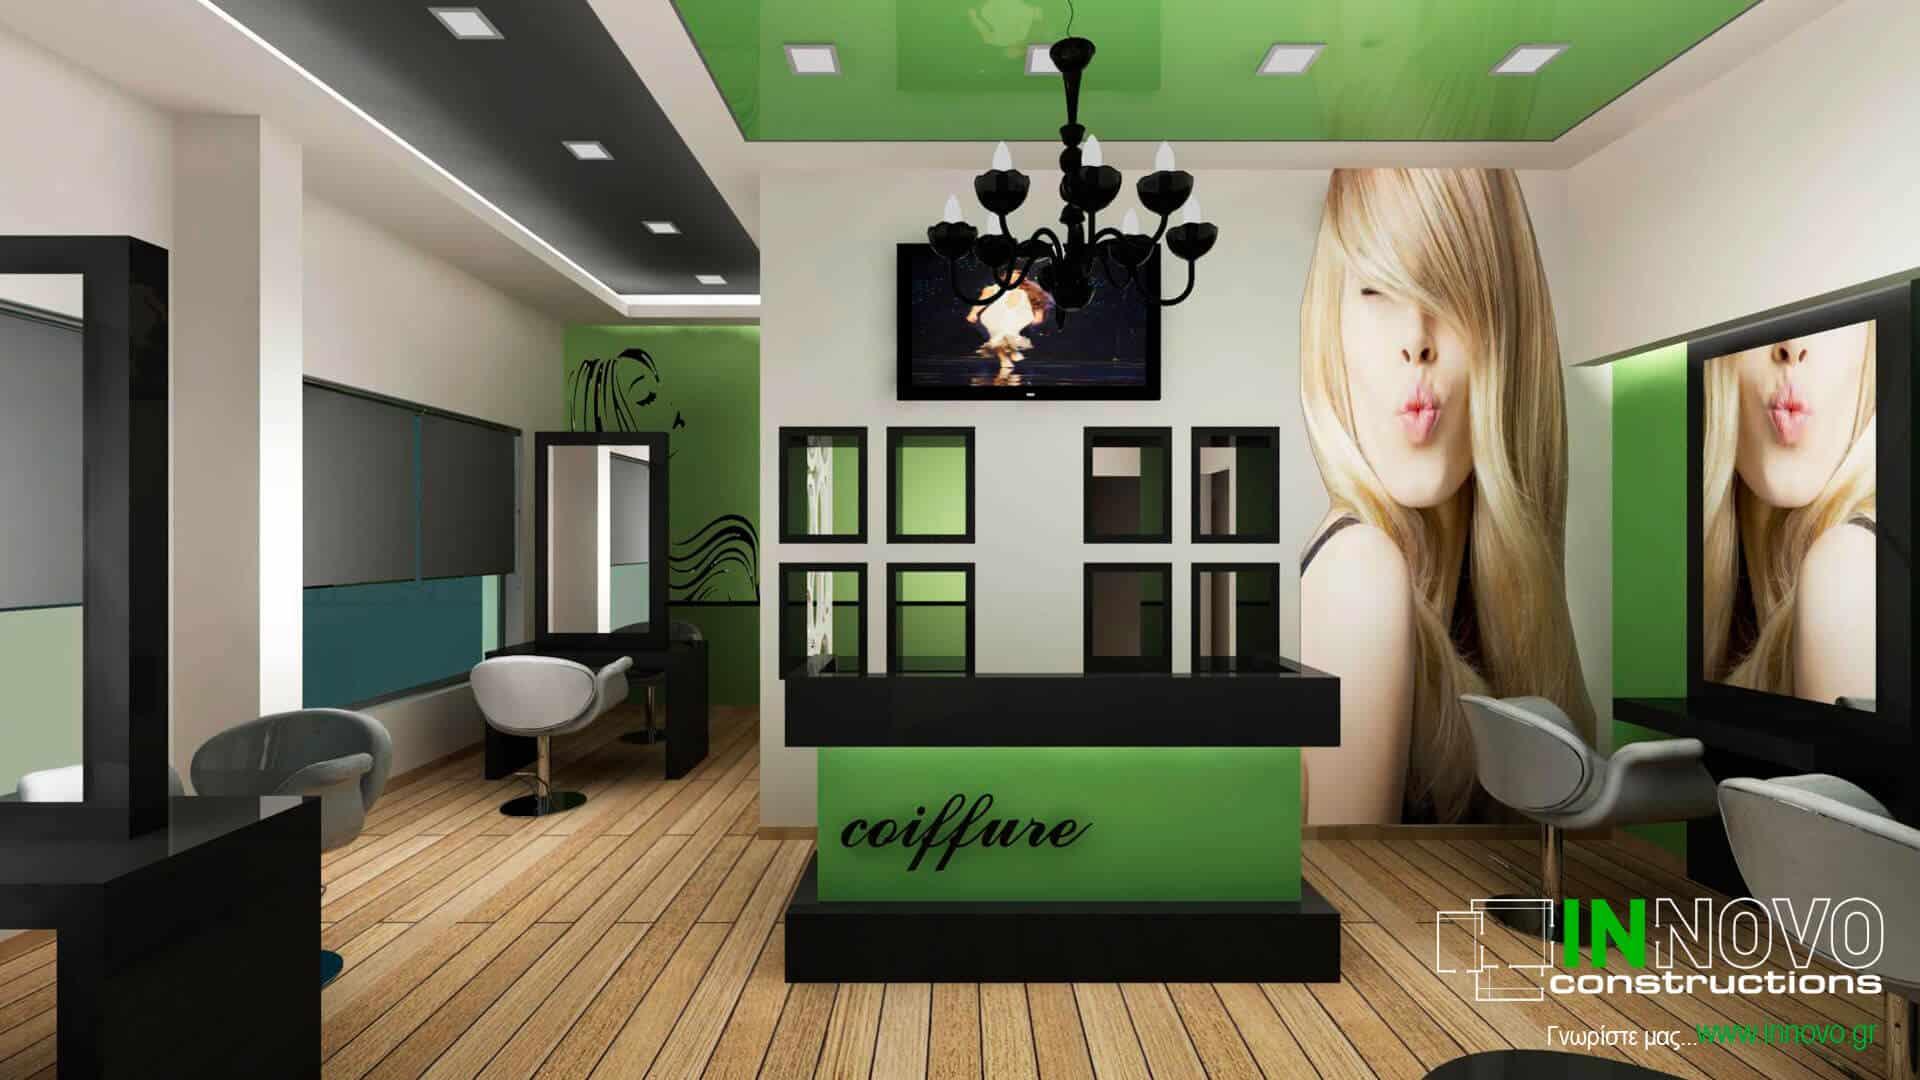 kataskevi-kommotiriou-hairdressers-construction-kommotirio-perissos-1615-2